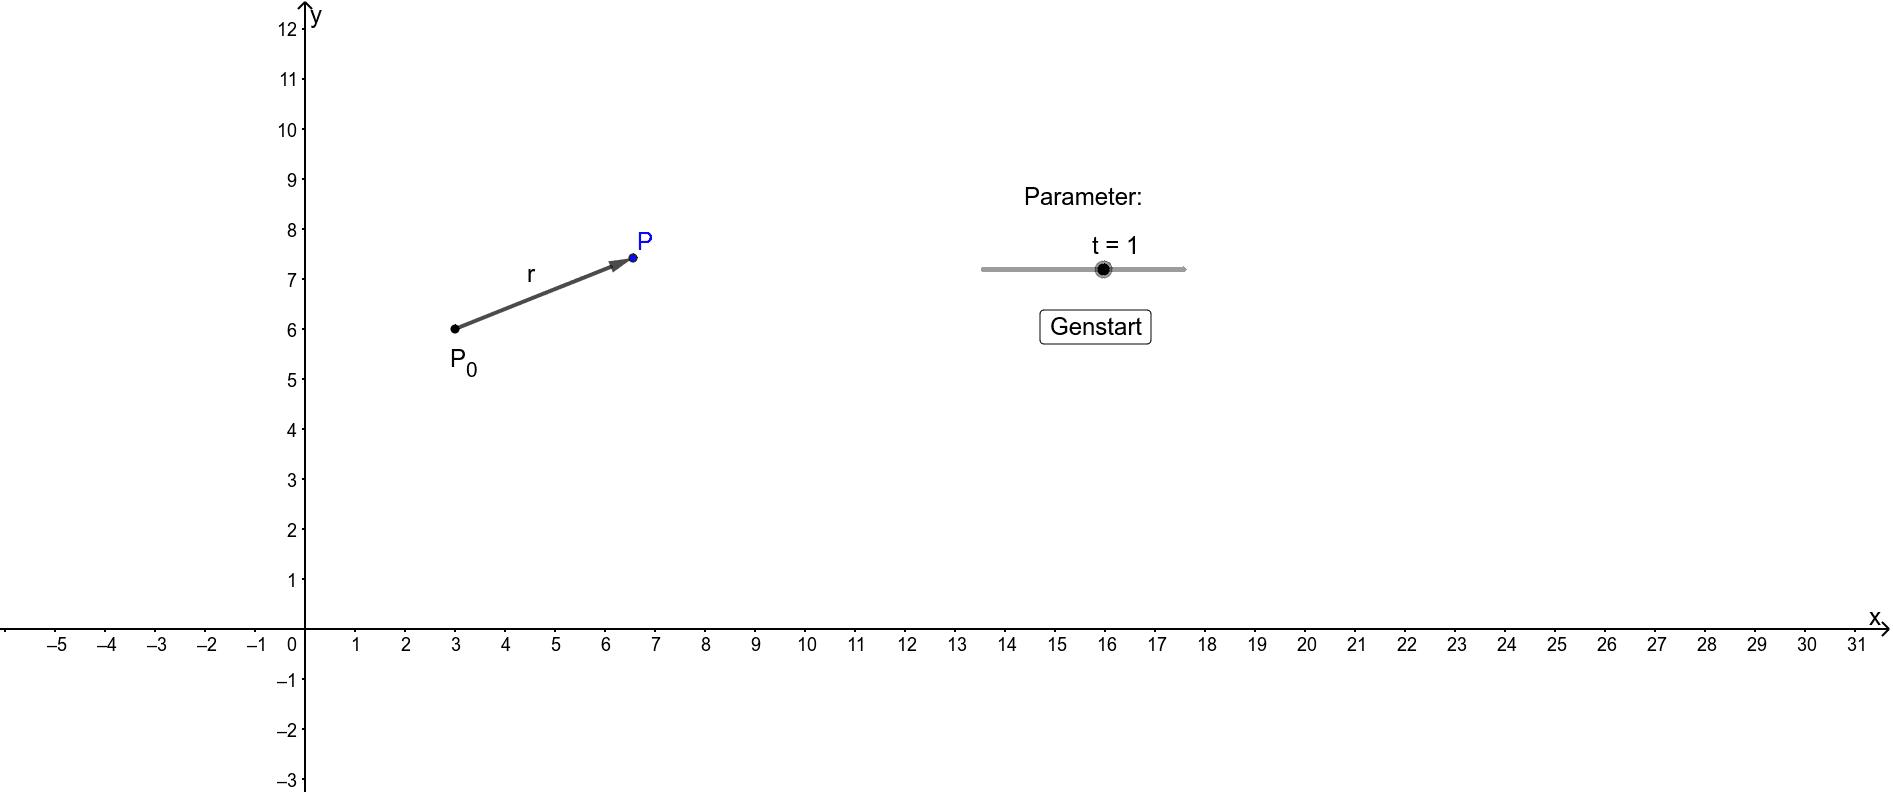 Træk i skyderen (parameter) for at se hvordan punktet P flyttes. Press Enter to start activity